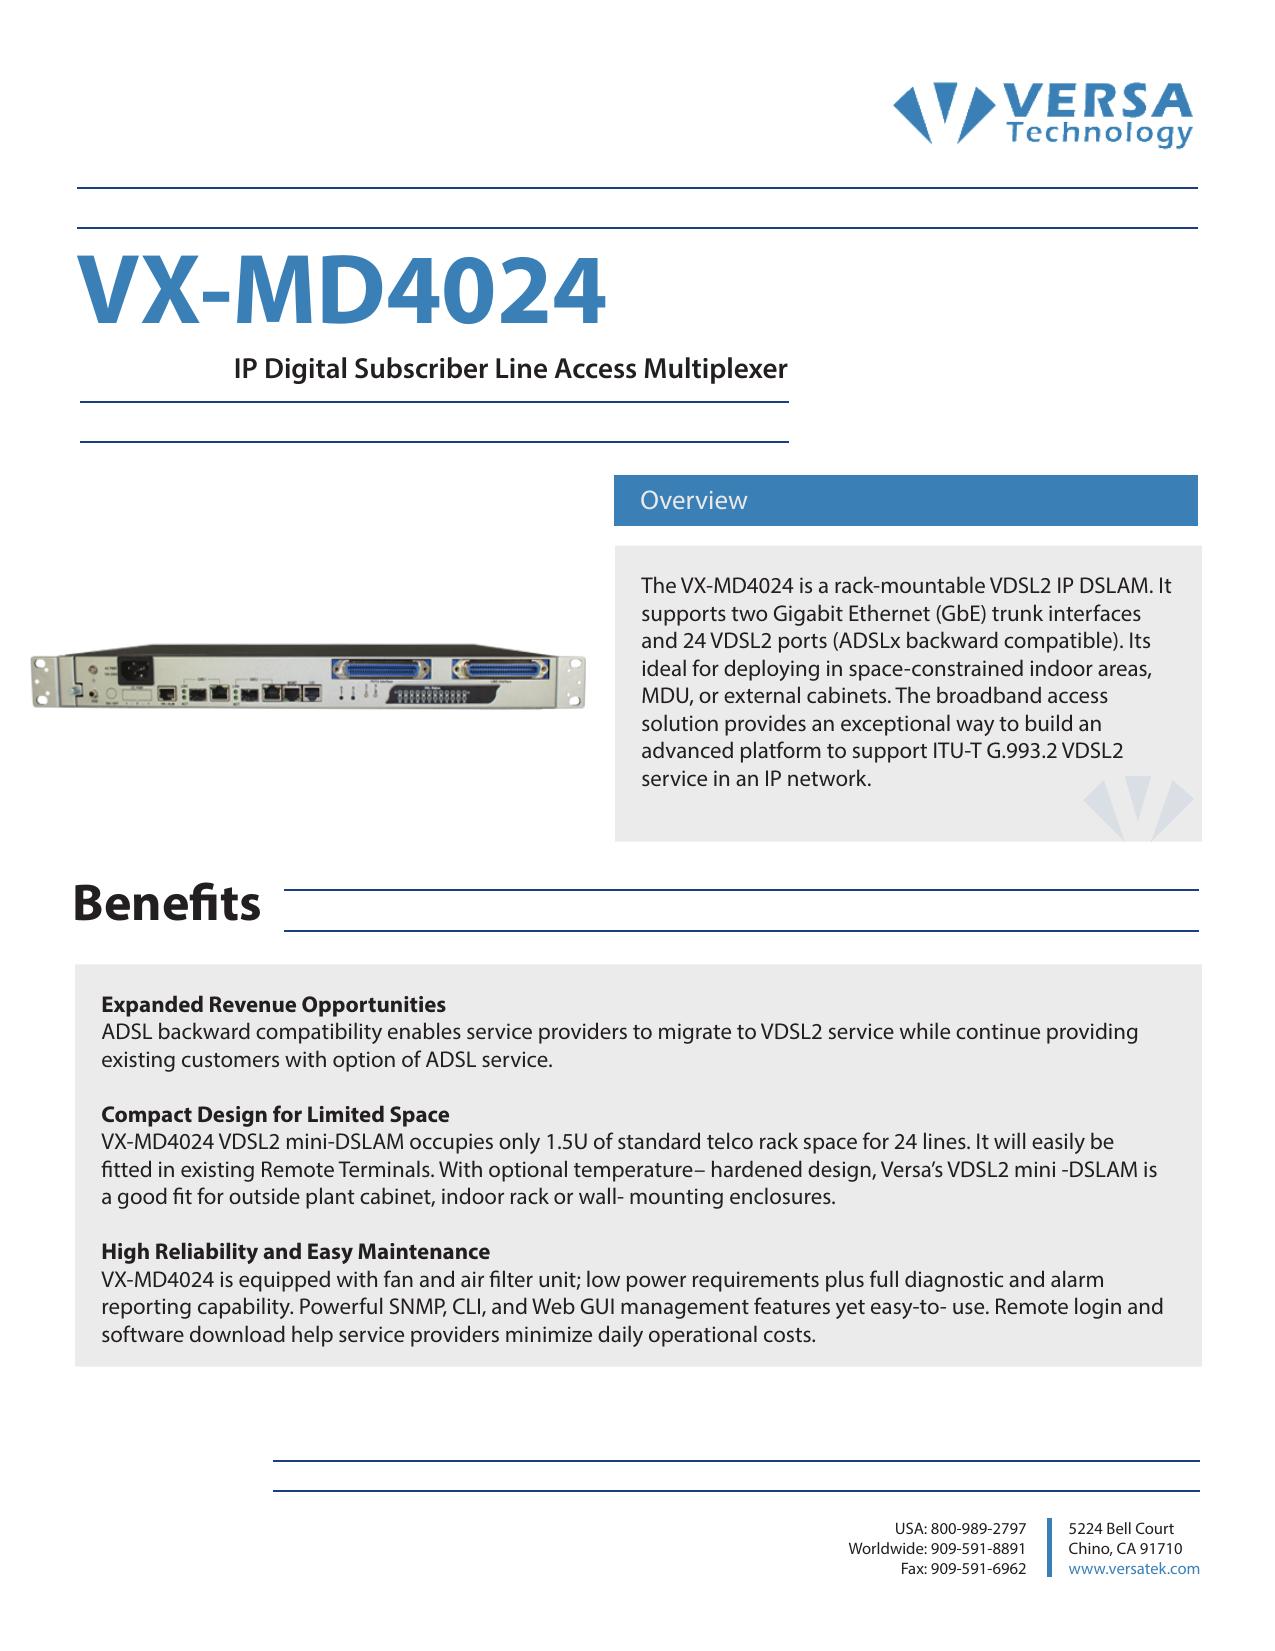 VX-MD4024 - Versa Technology | manualzz com